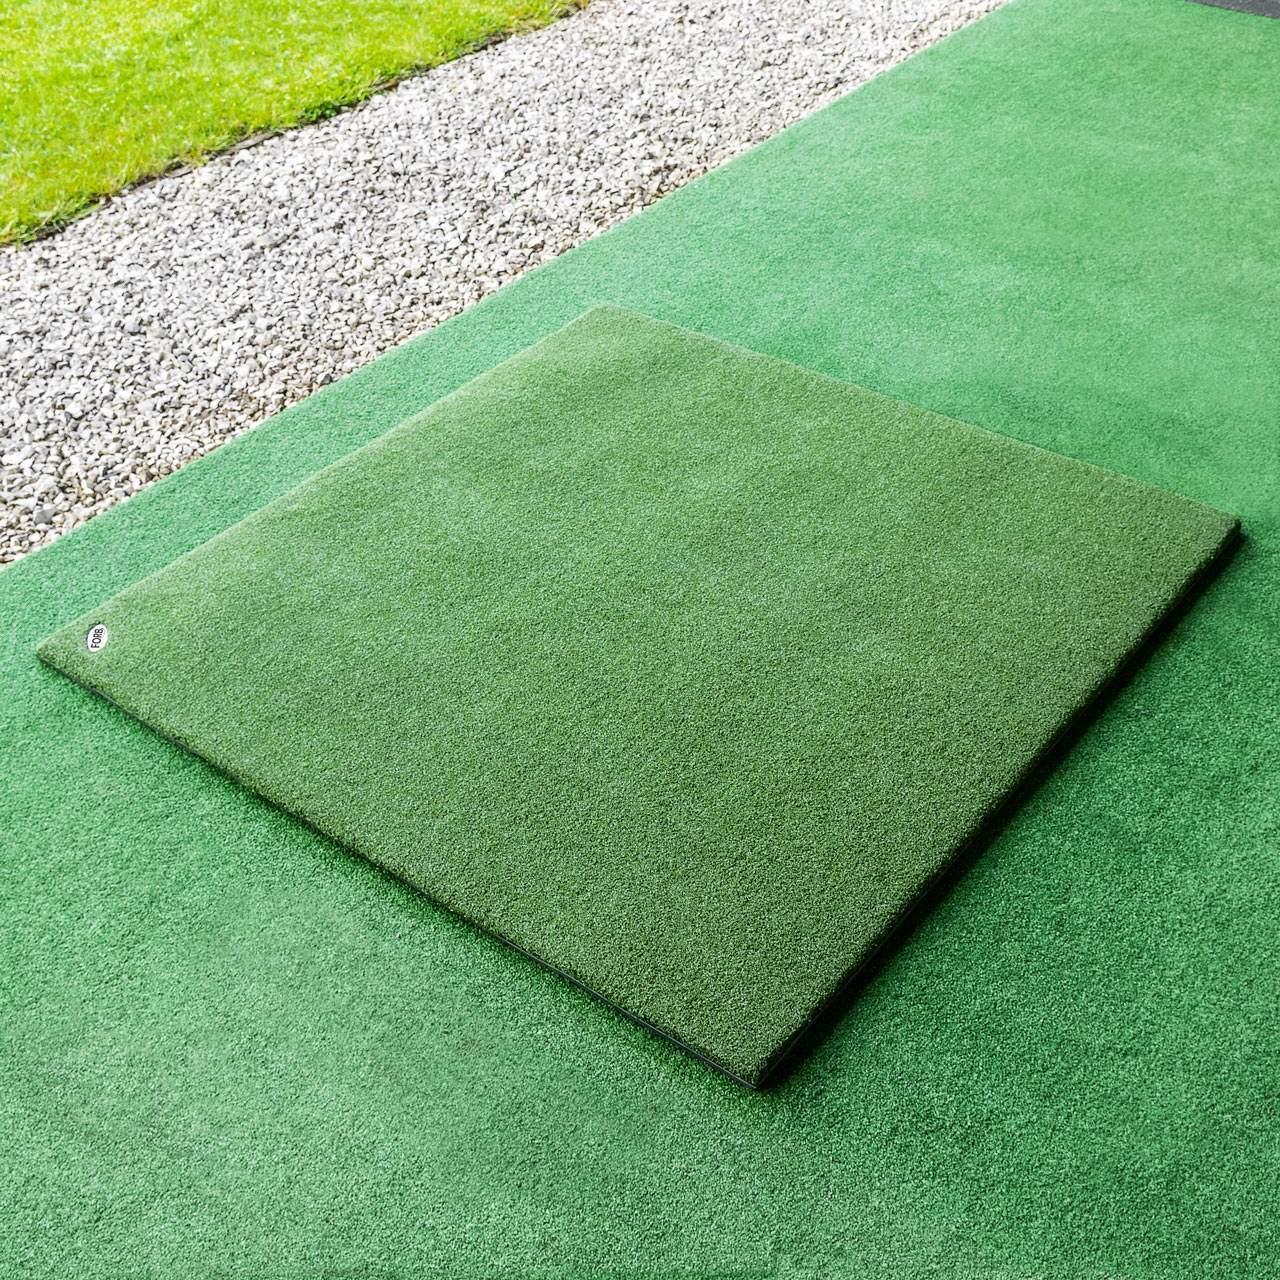 FORB Tapis de Golf Tout-Terrain Pour l'Hiver [1,5m x 1,5m]